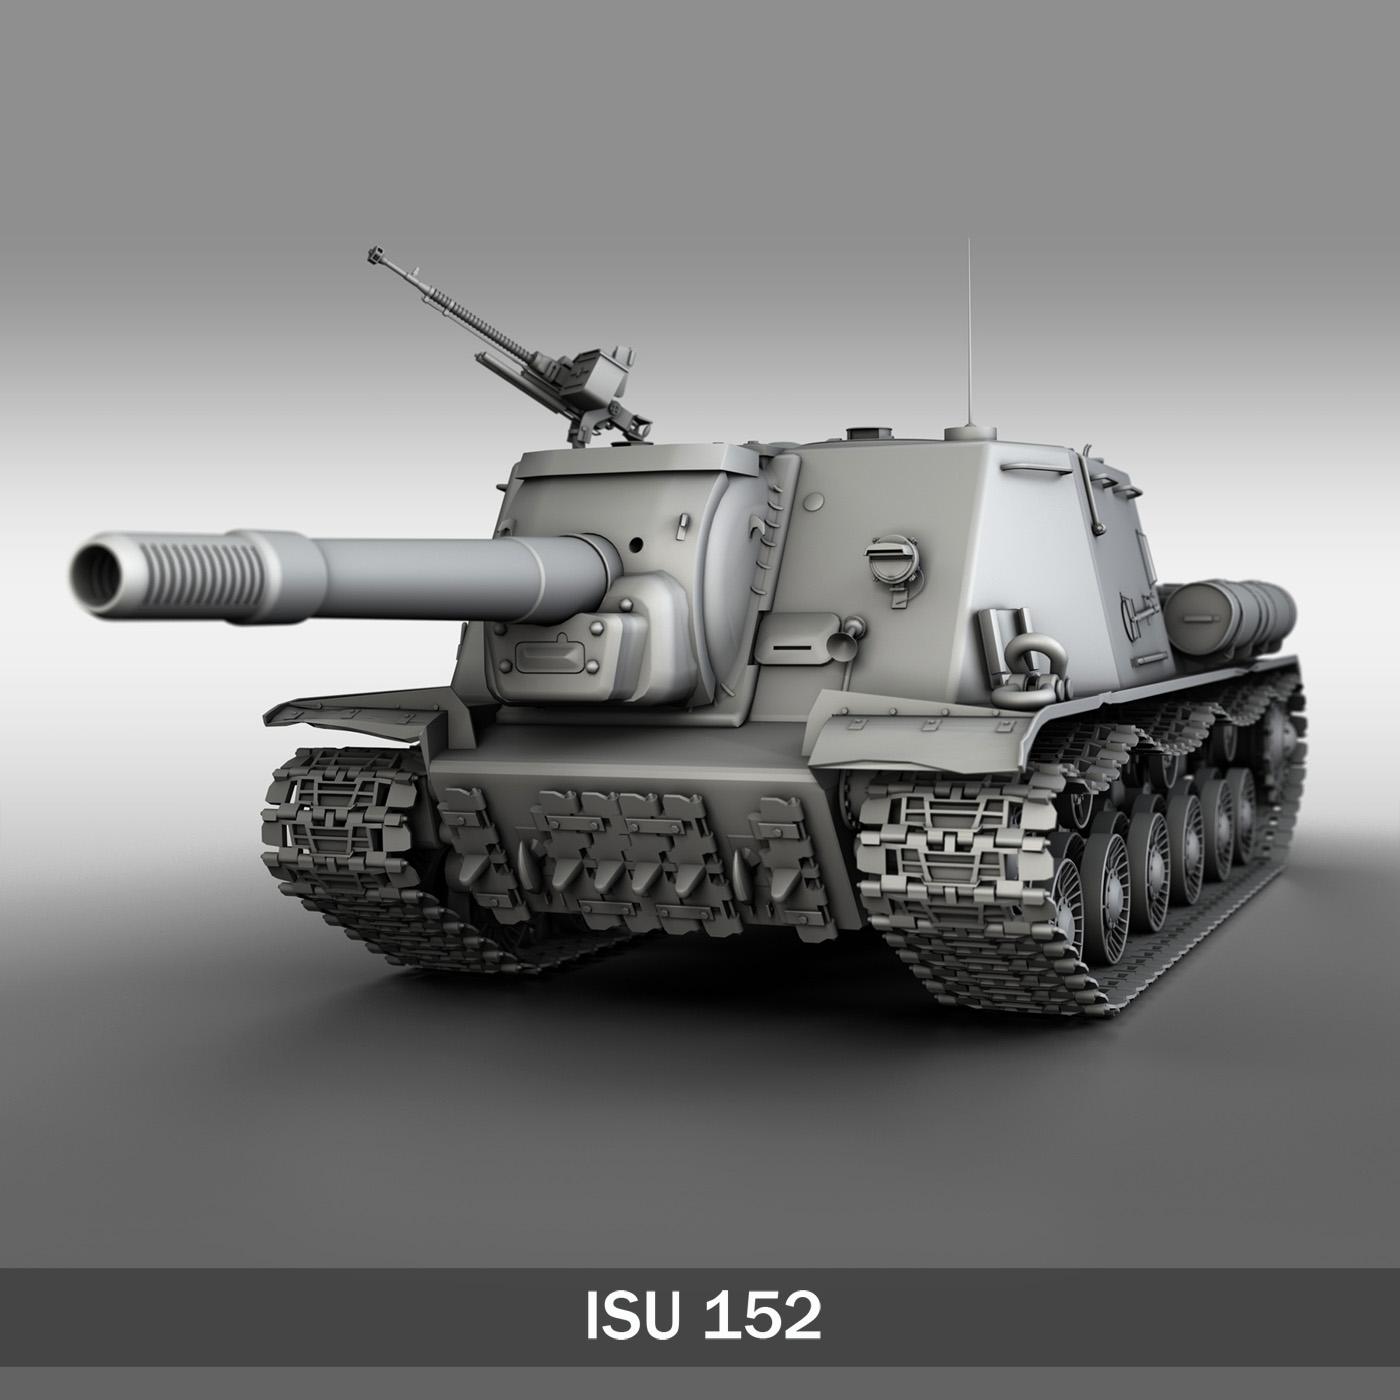 ISU 152 Soviet heavy self propelled gun v2 3d model 3ds fbx c4d lwo obj 188874